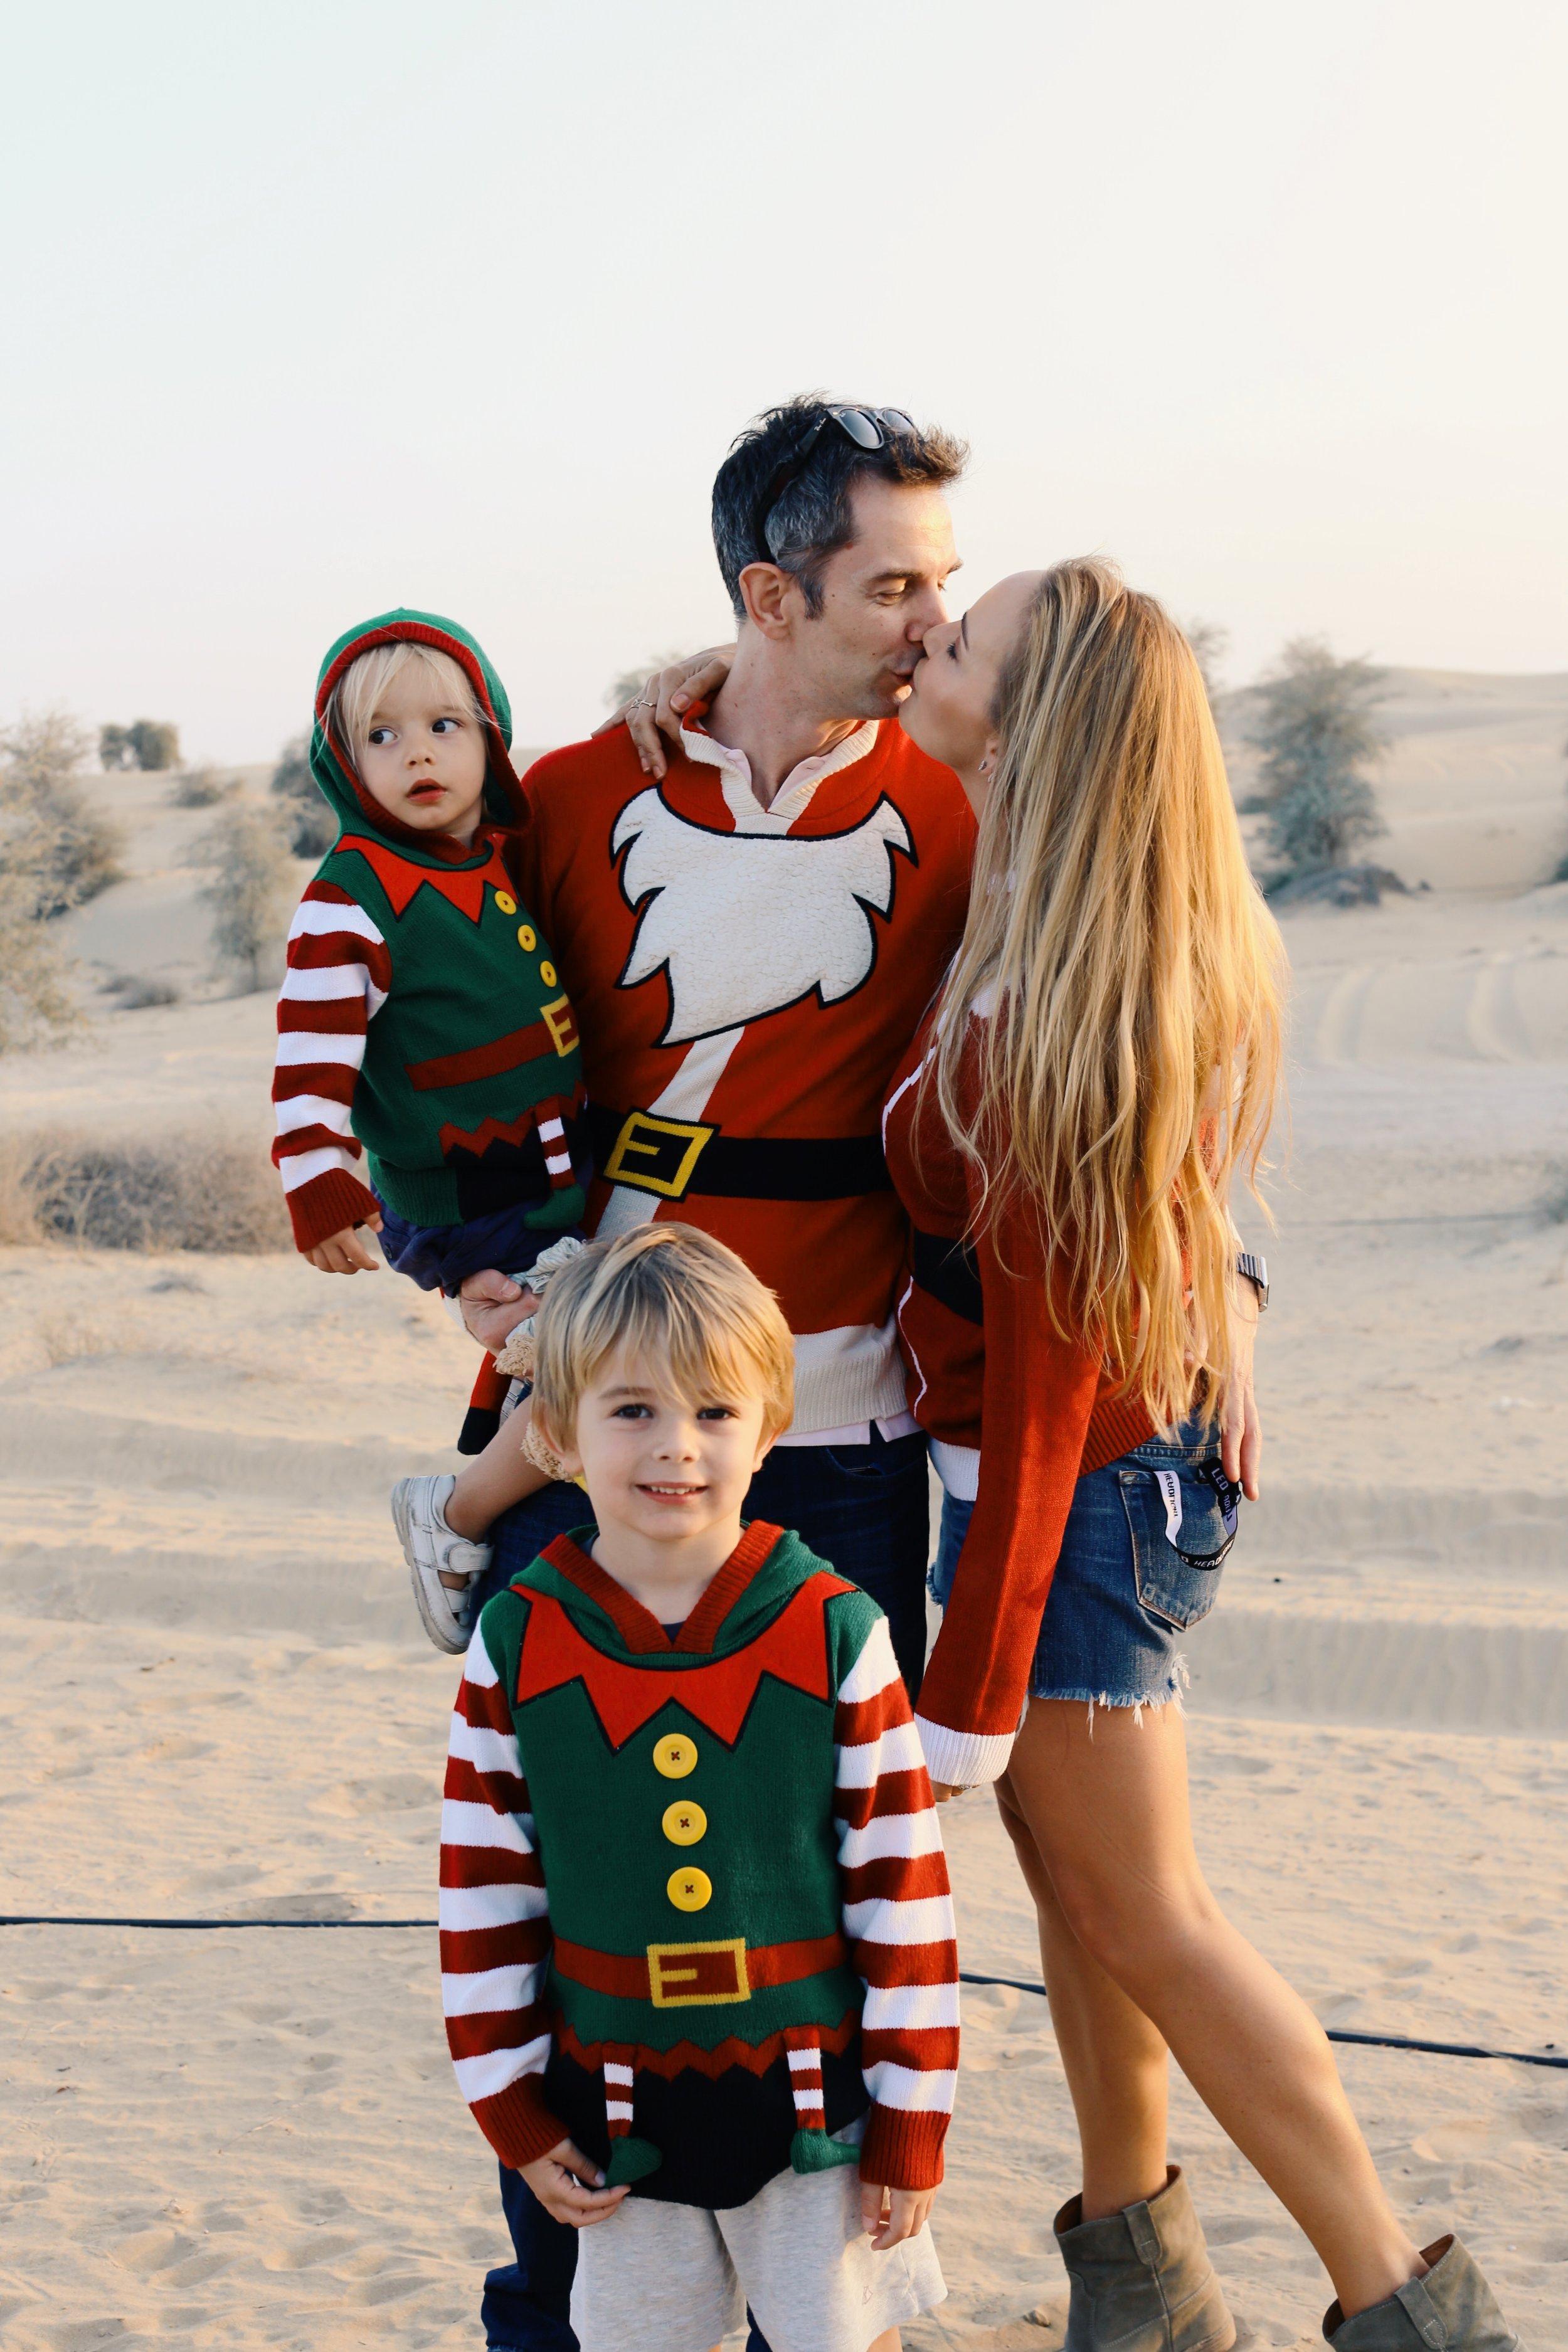 Christmas jumpers in the Dubai desert